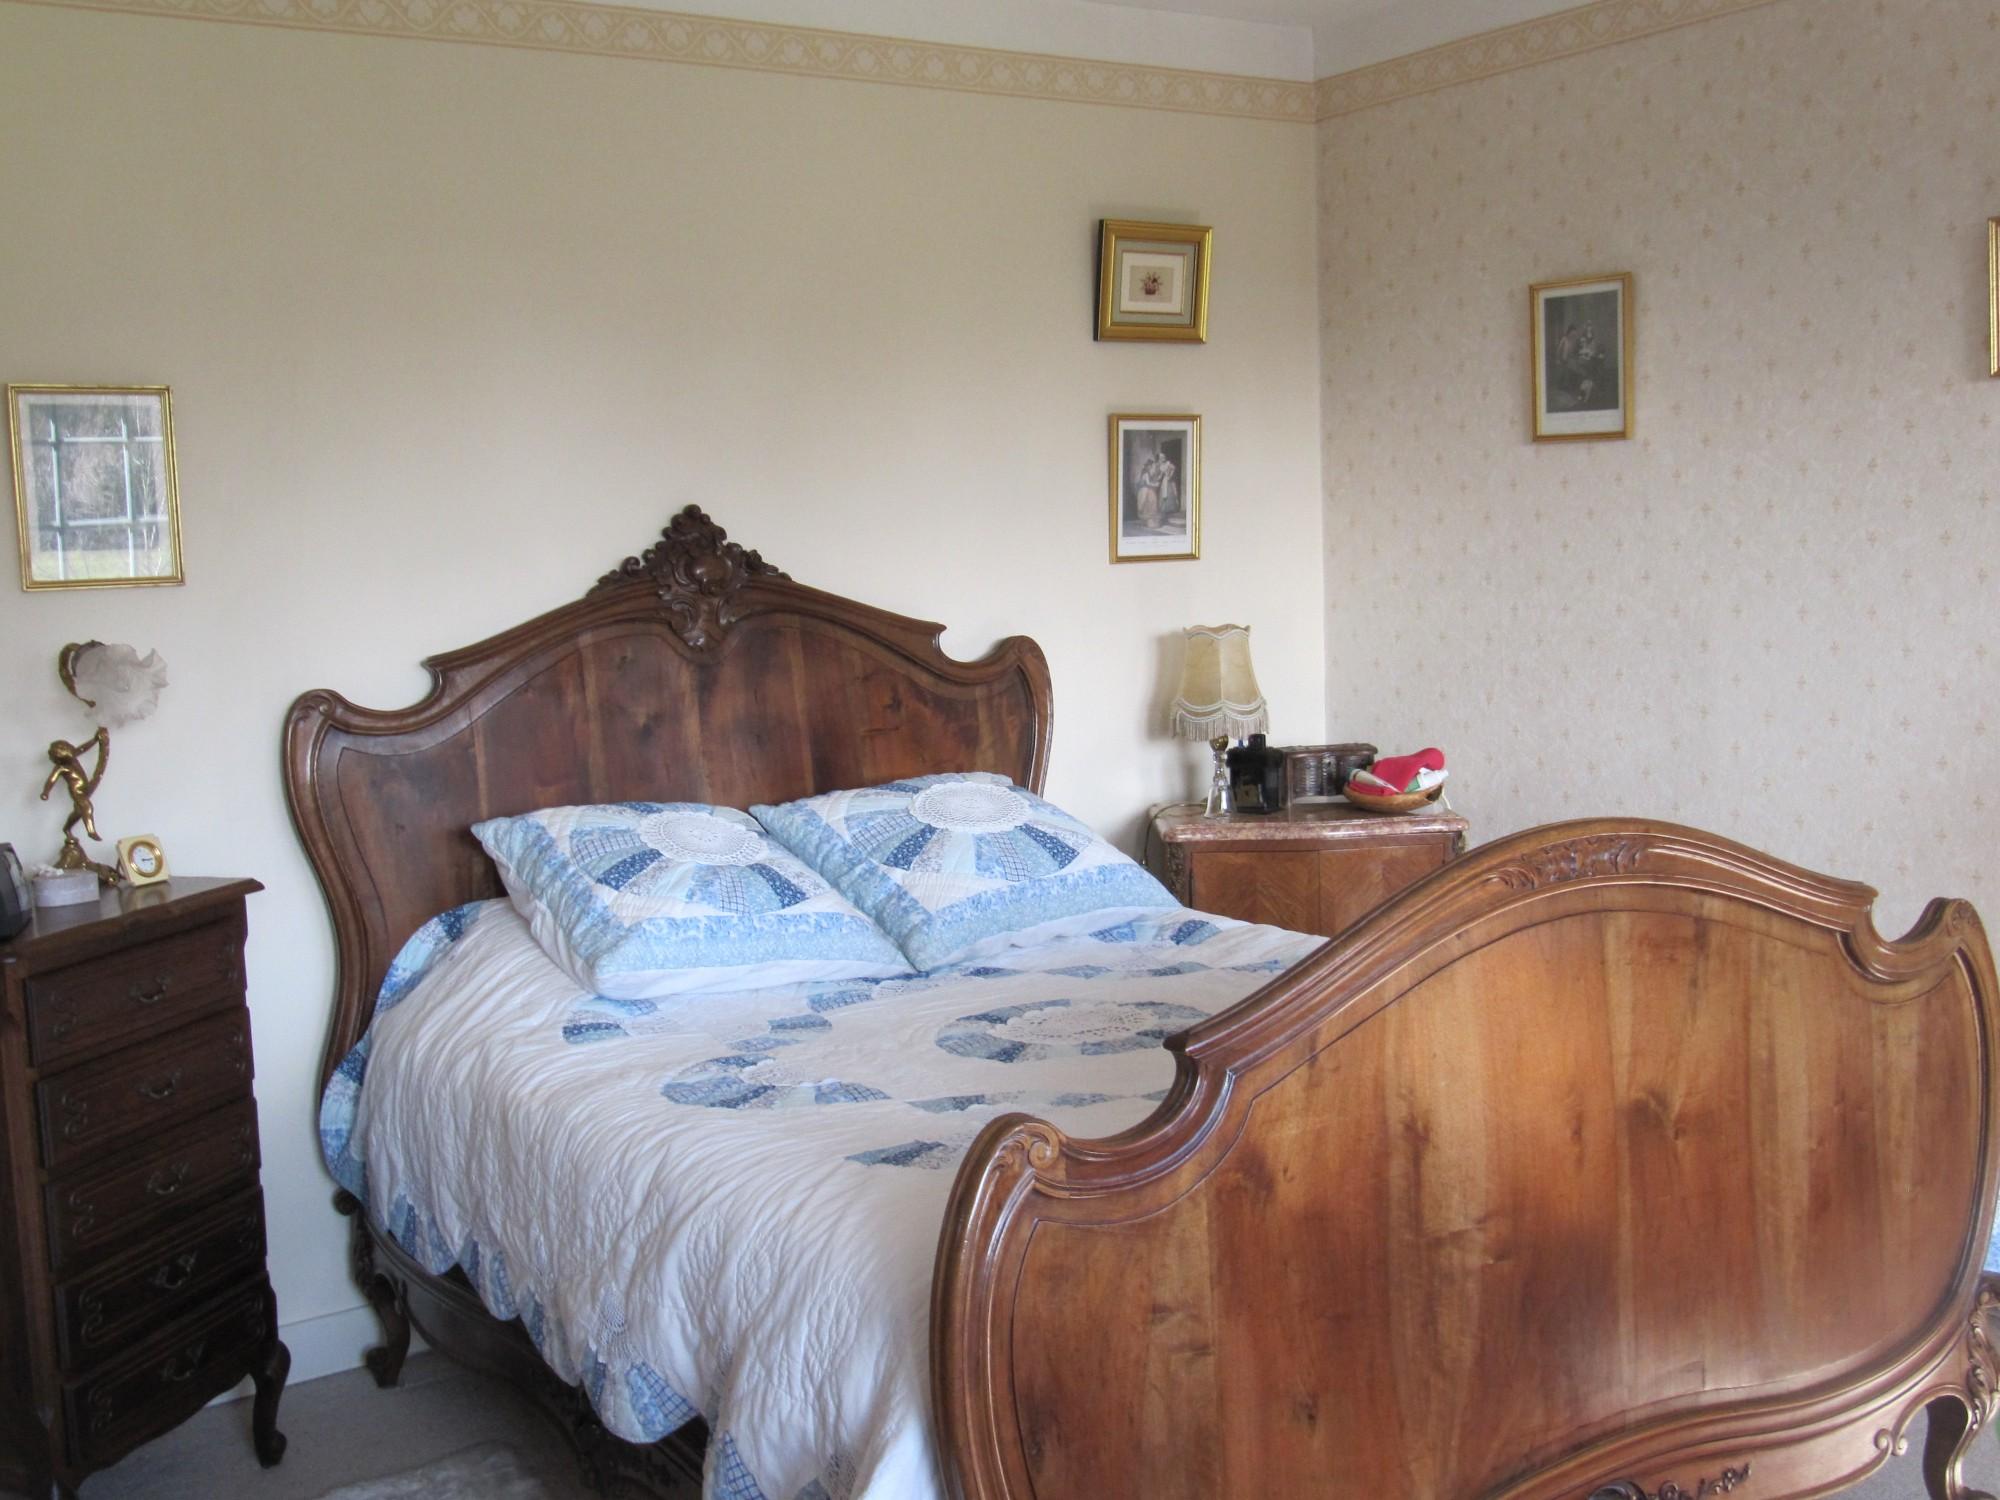 maison normande d 39 architecte t5 lisieux normandie calvados 14 terres et demeures de normandie. Black Bedroom Furniture Sets. Home Design Ideas